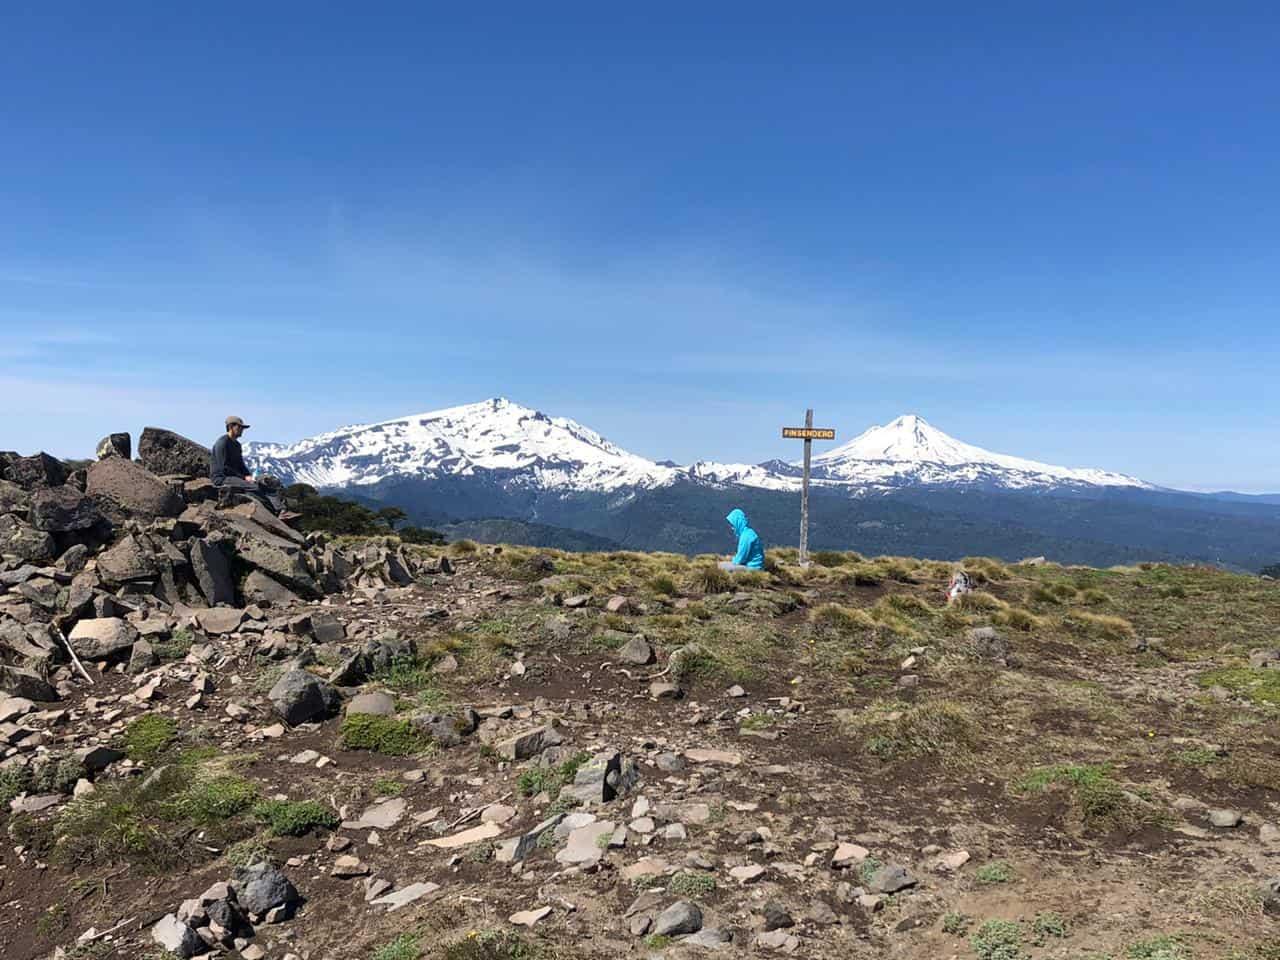 Malalcahuello - Cerro Coloradito